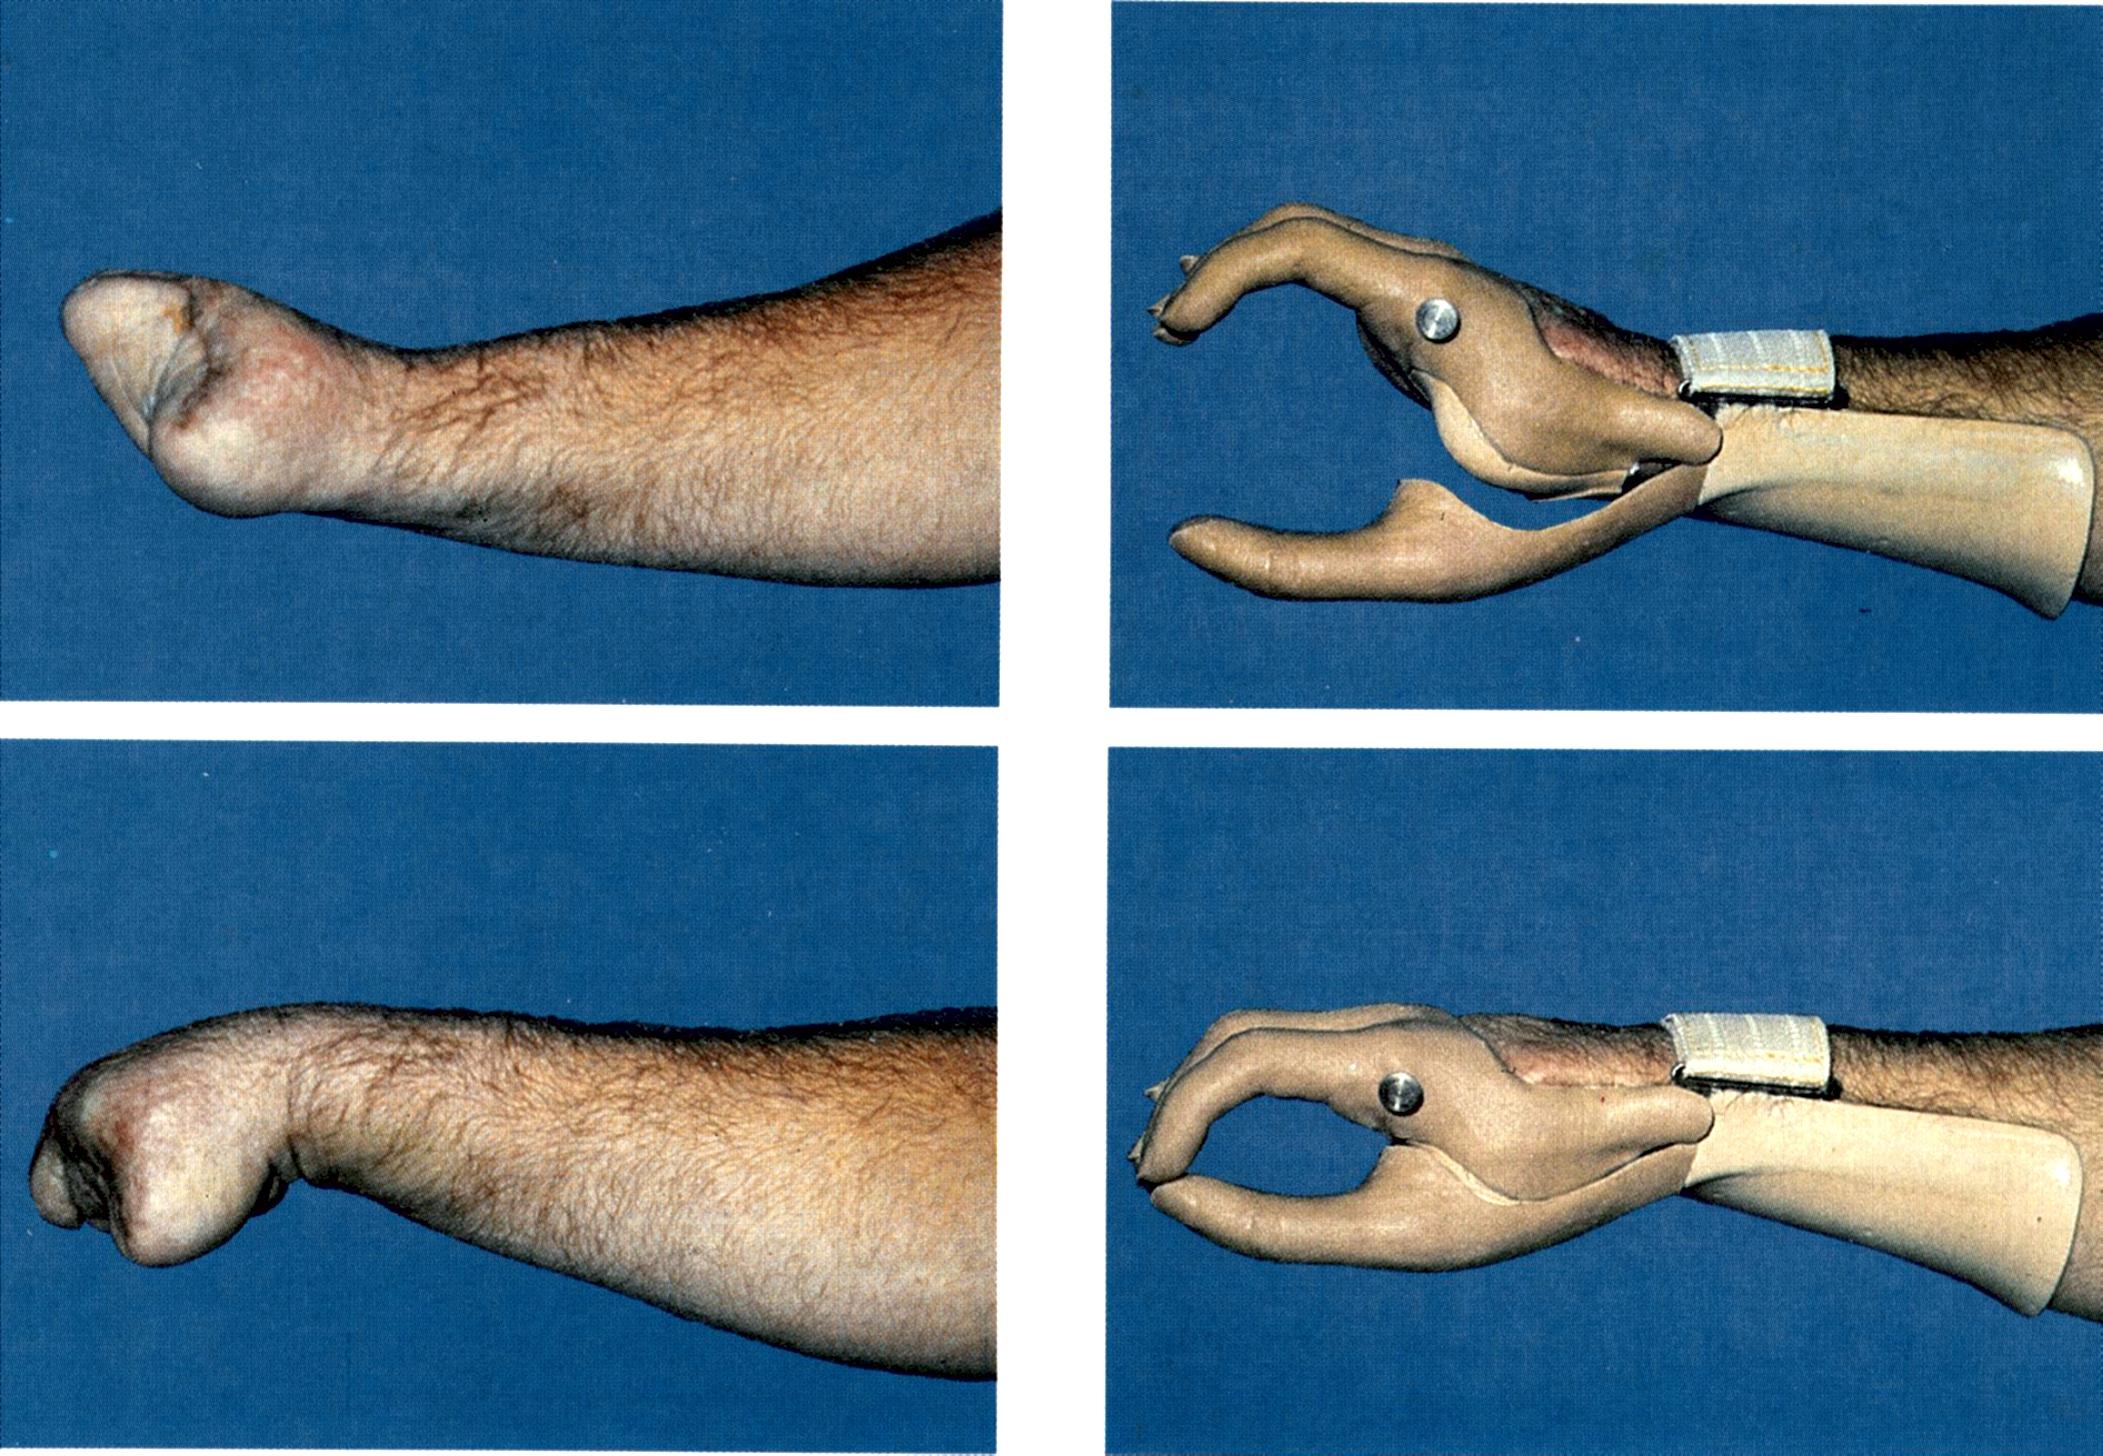 Ogromny _12. Rodzaje protez kończyn górnych - Ortopedia i Traumatologia AP56